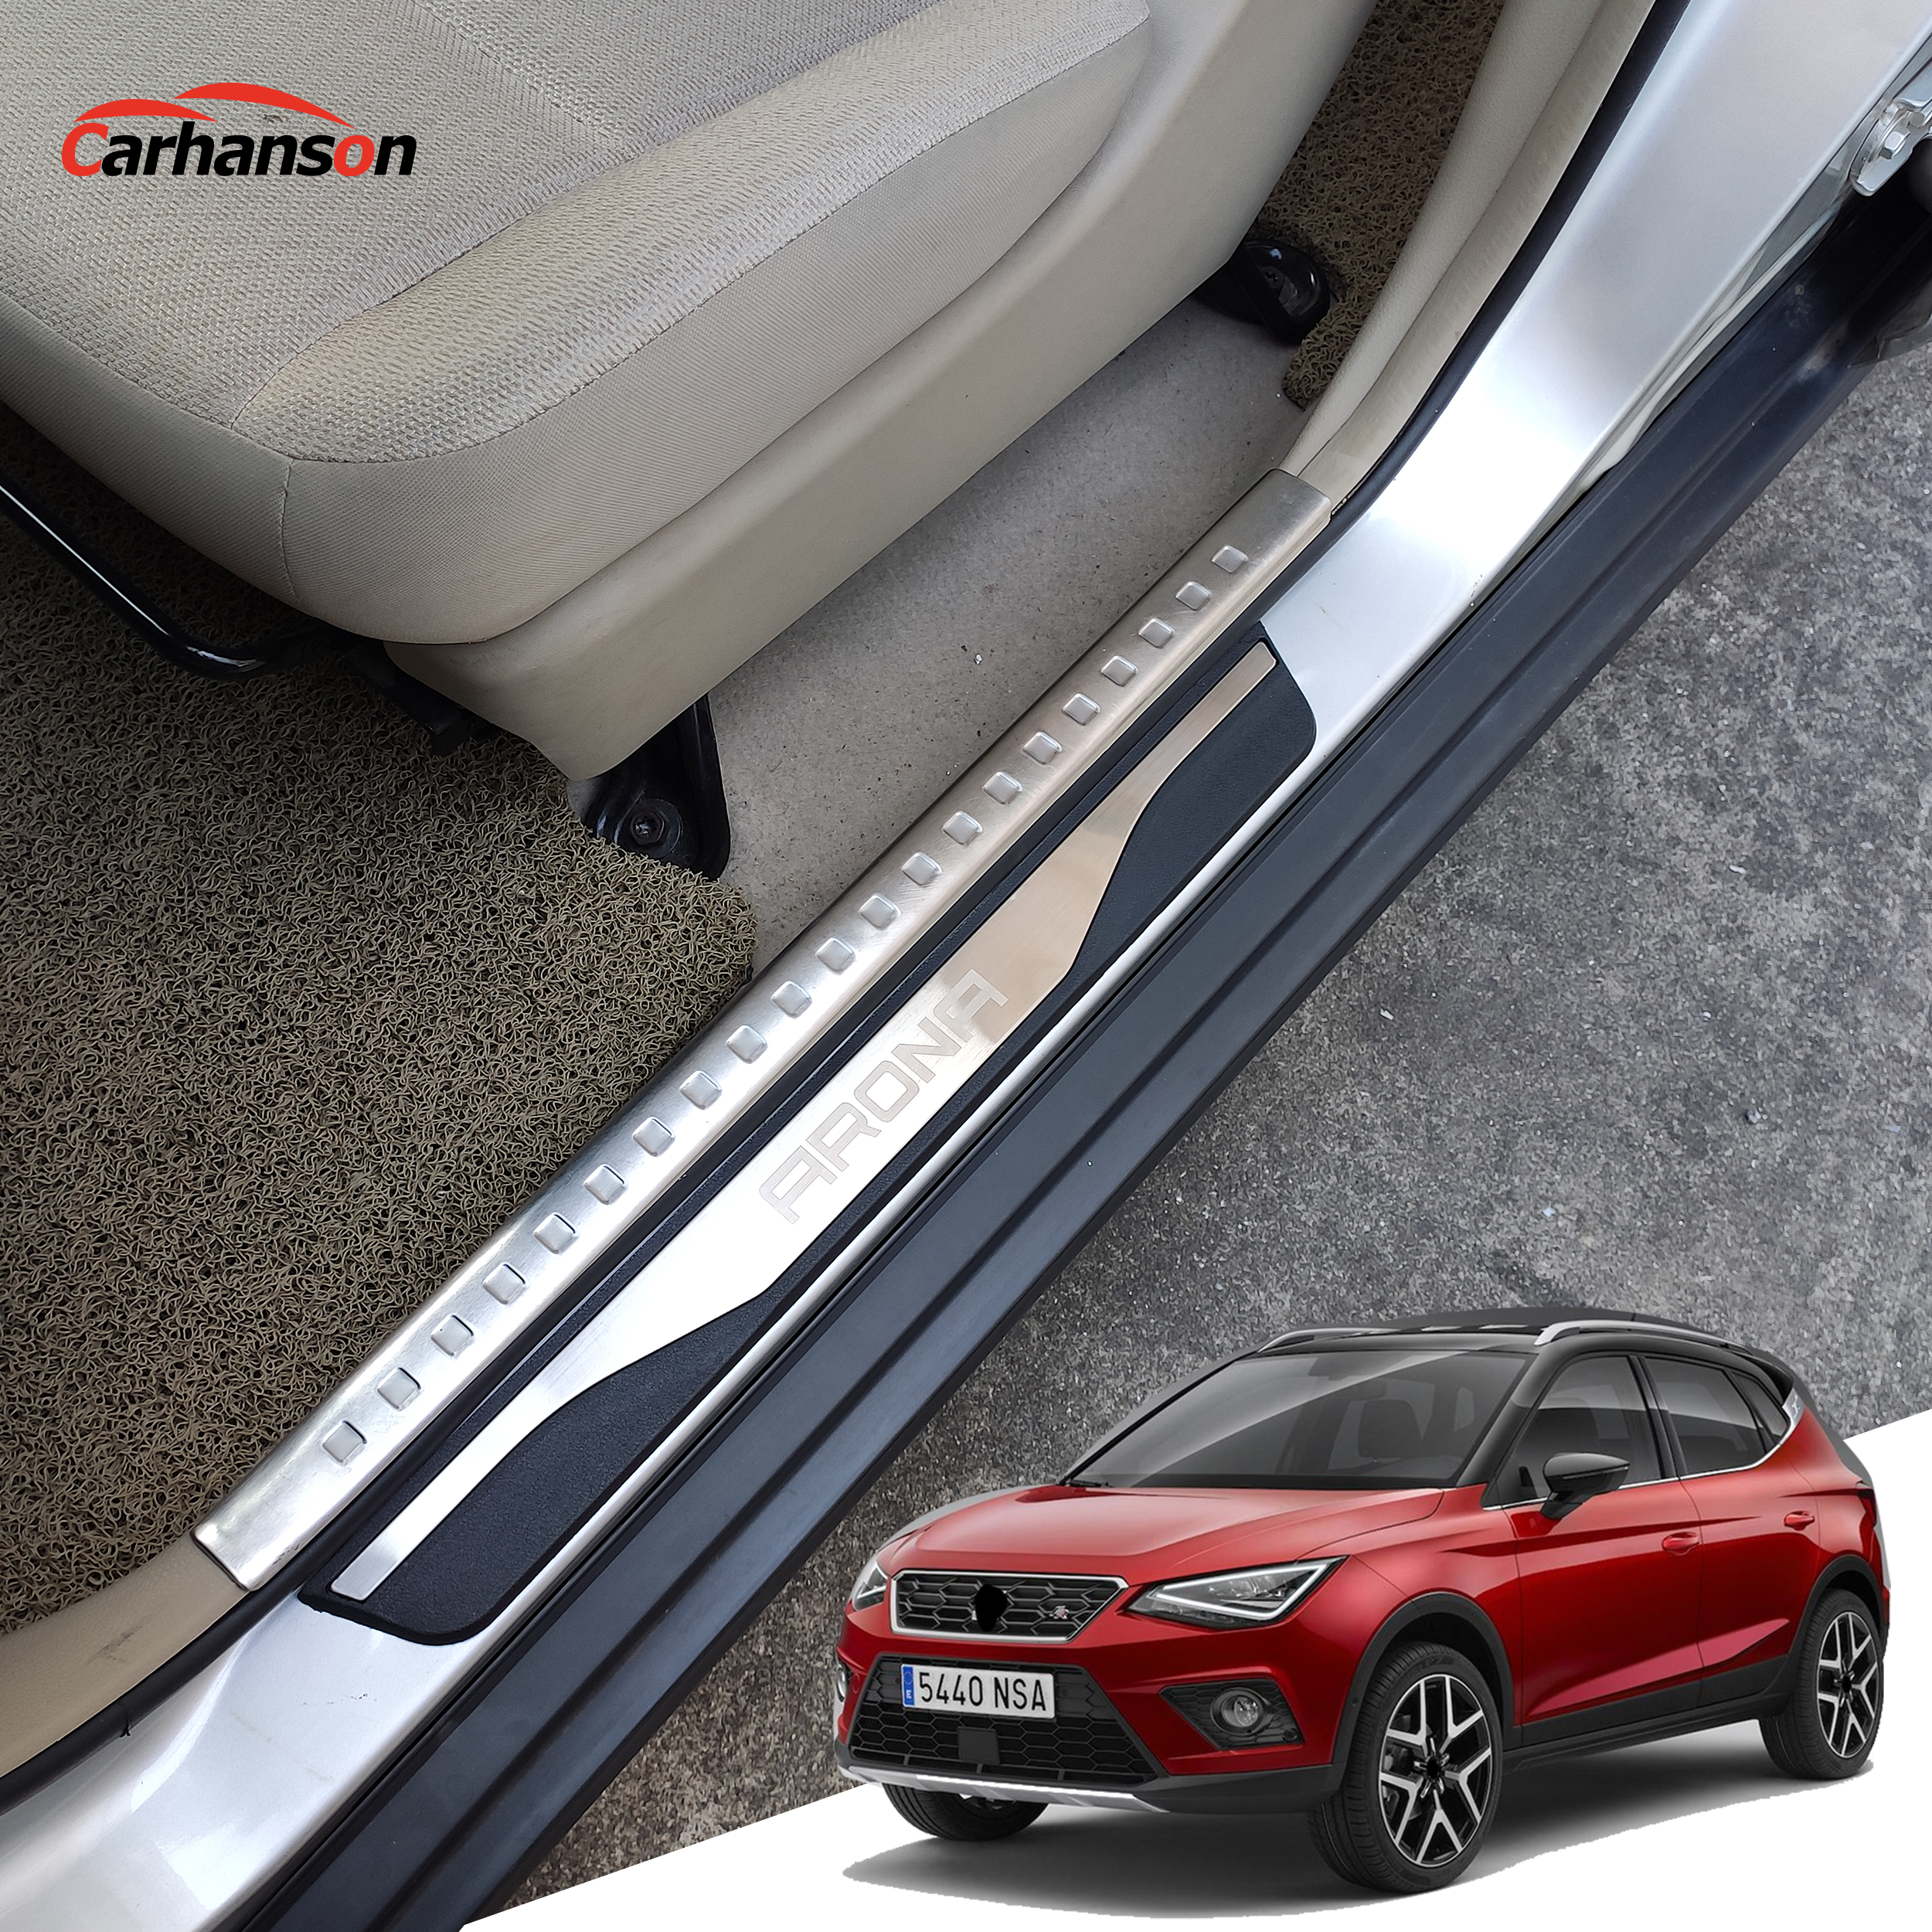 Para asiento ARONA FR accesorios adhesivos de coche tira de umbral de puerta placas de cubierta de coche protectores de acero inoxidable protectores estilo 2017-2020